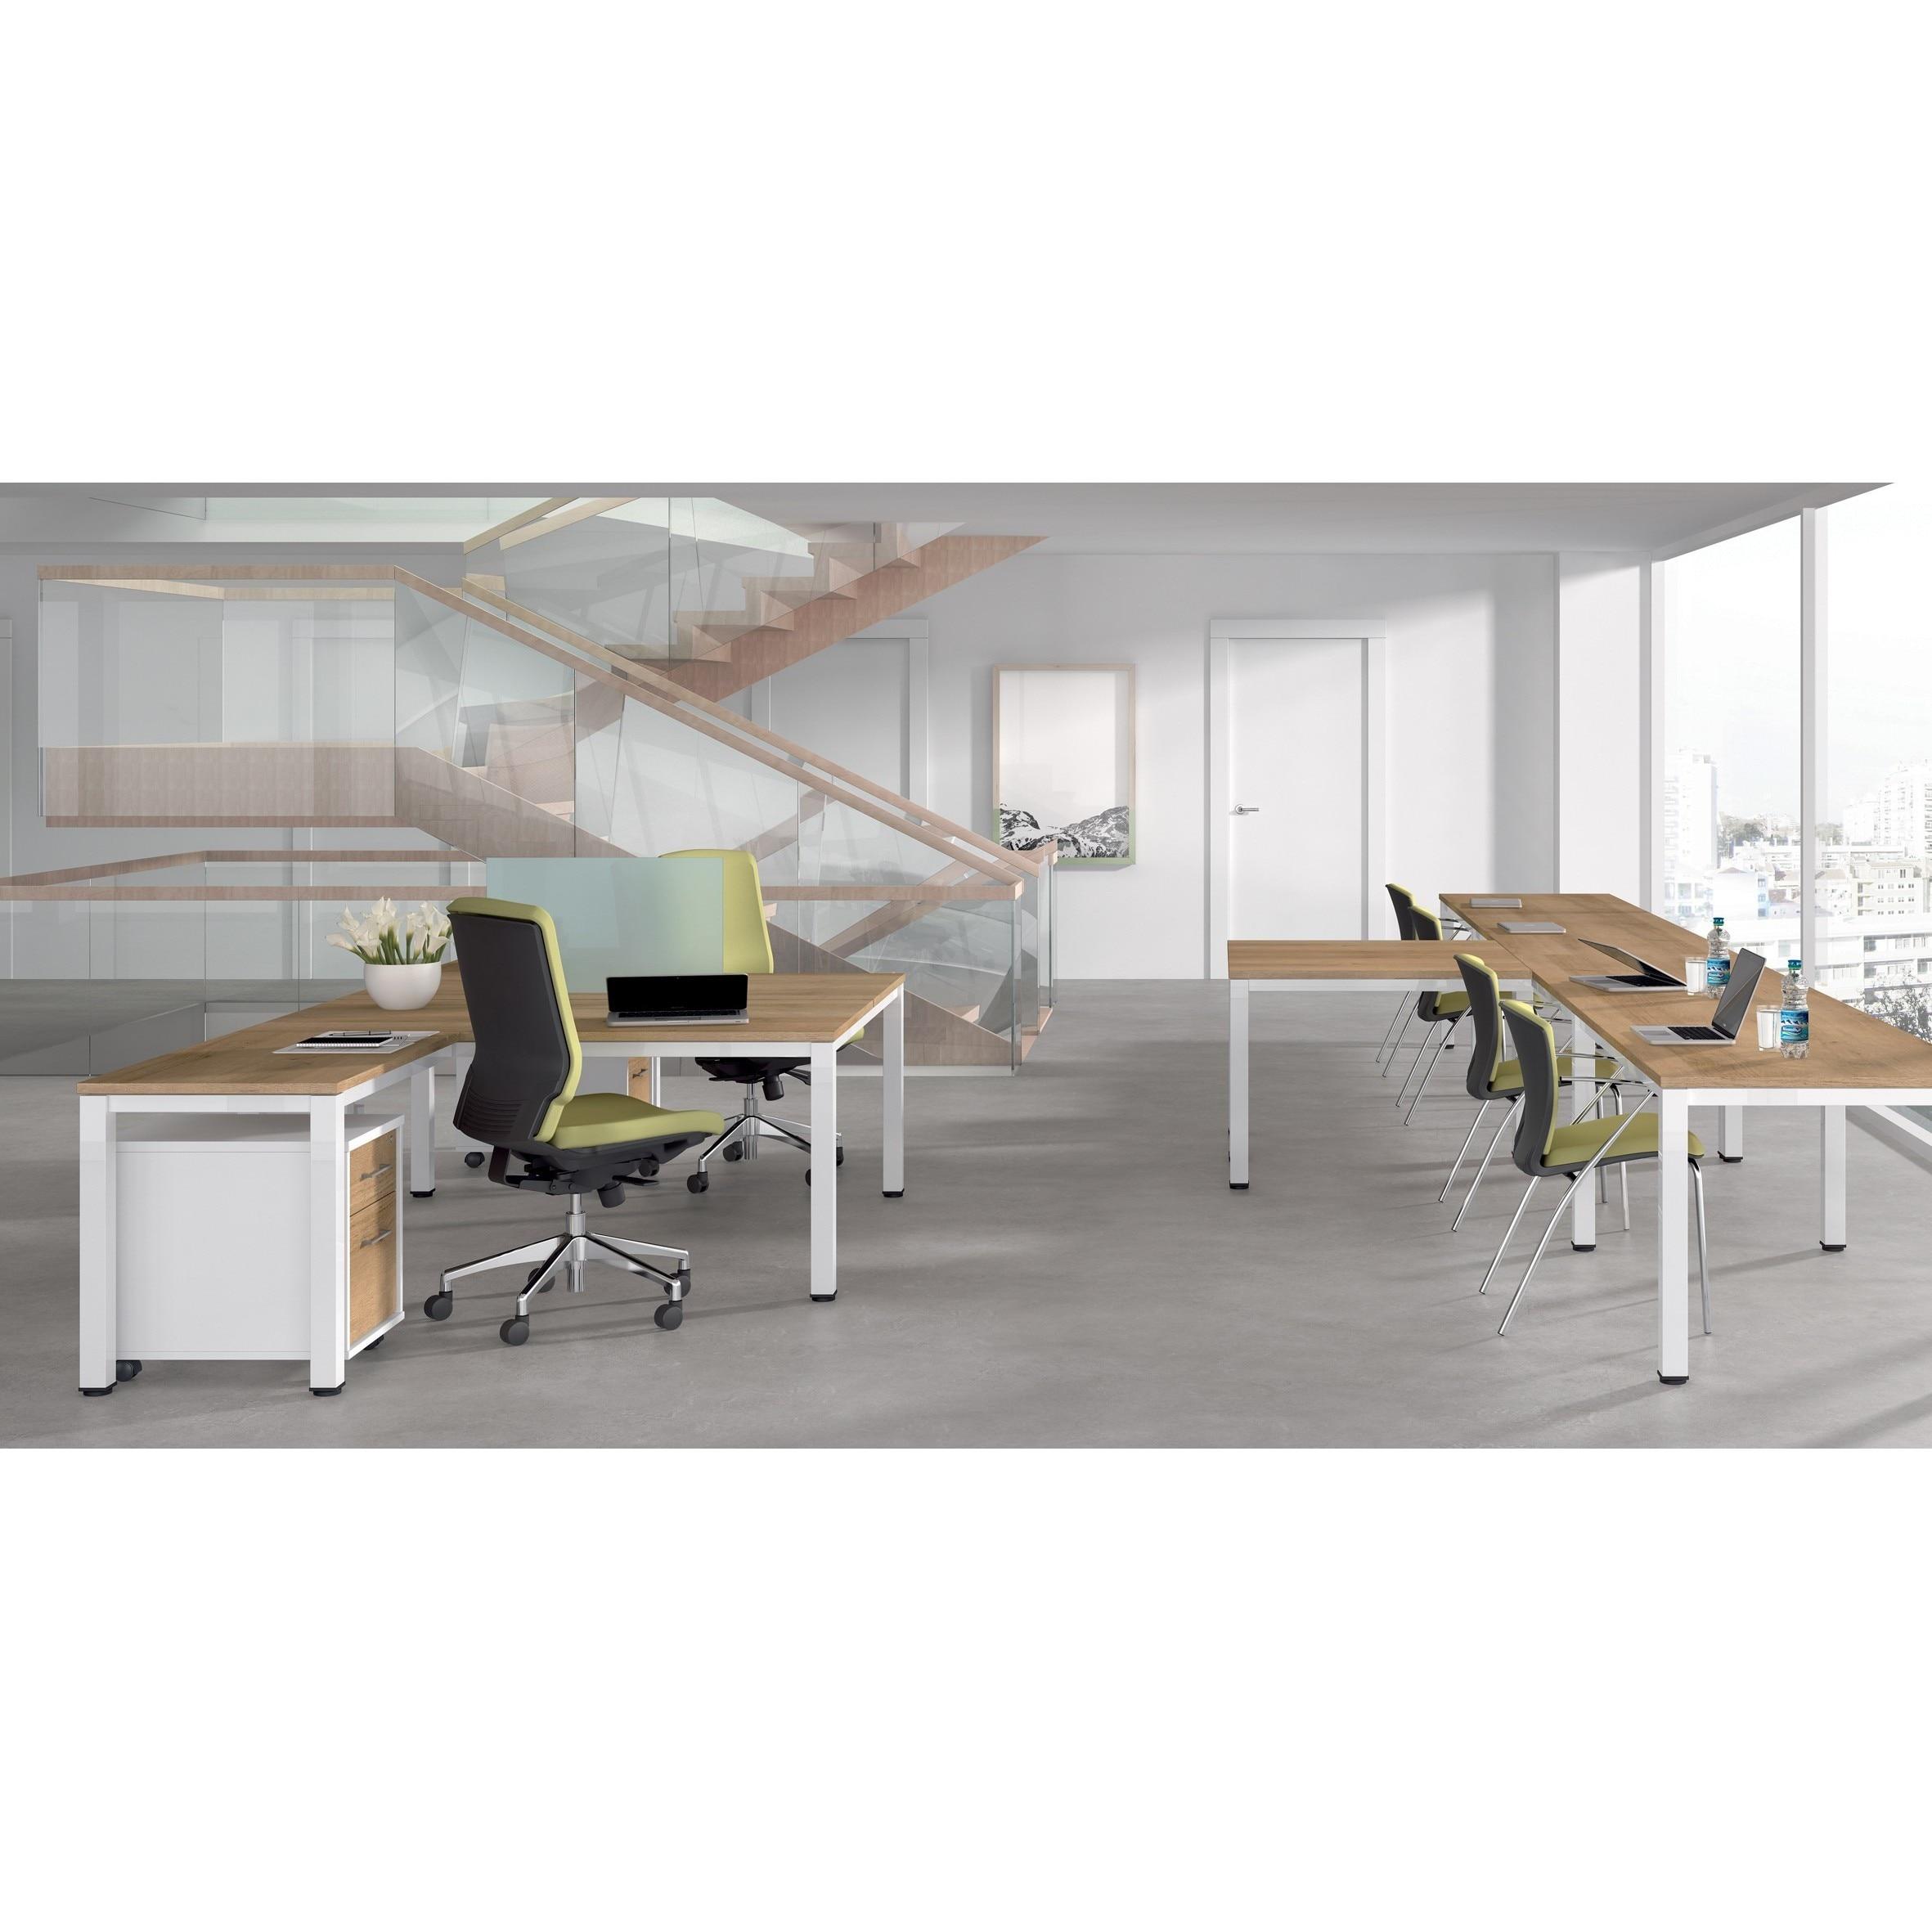 TABLE DE OFFICE SERIEEXECUTIVE 140X80 WHITE/GREY